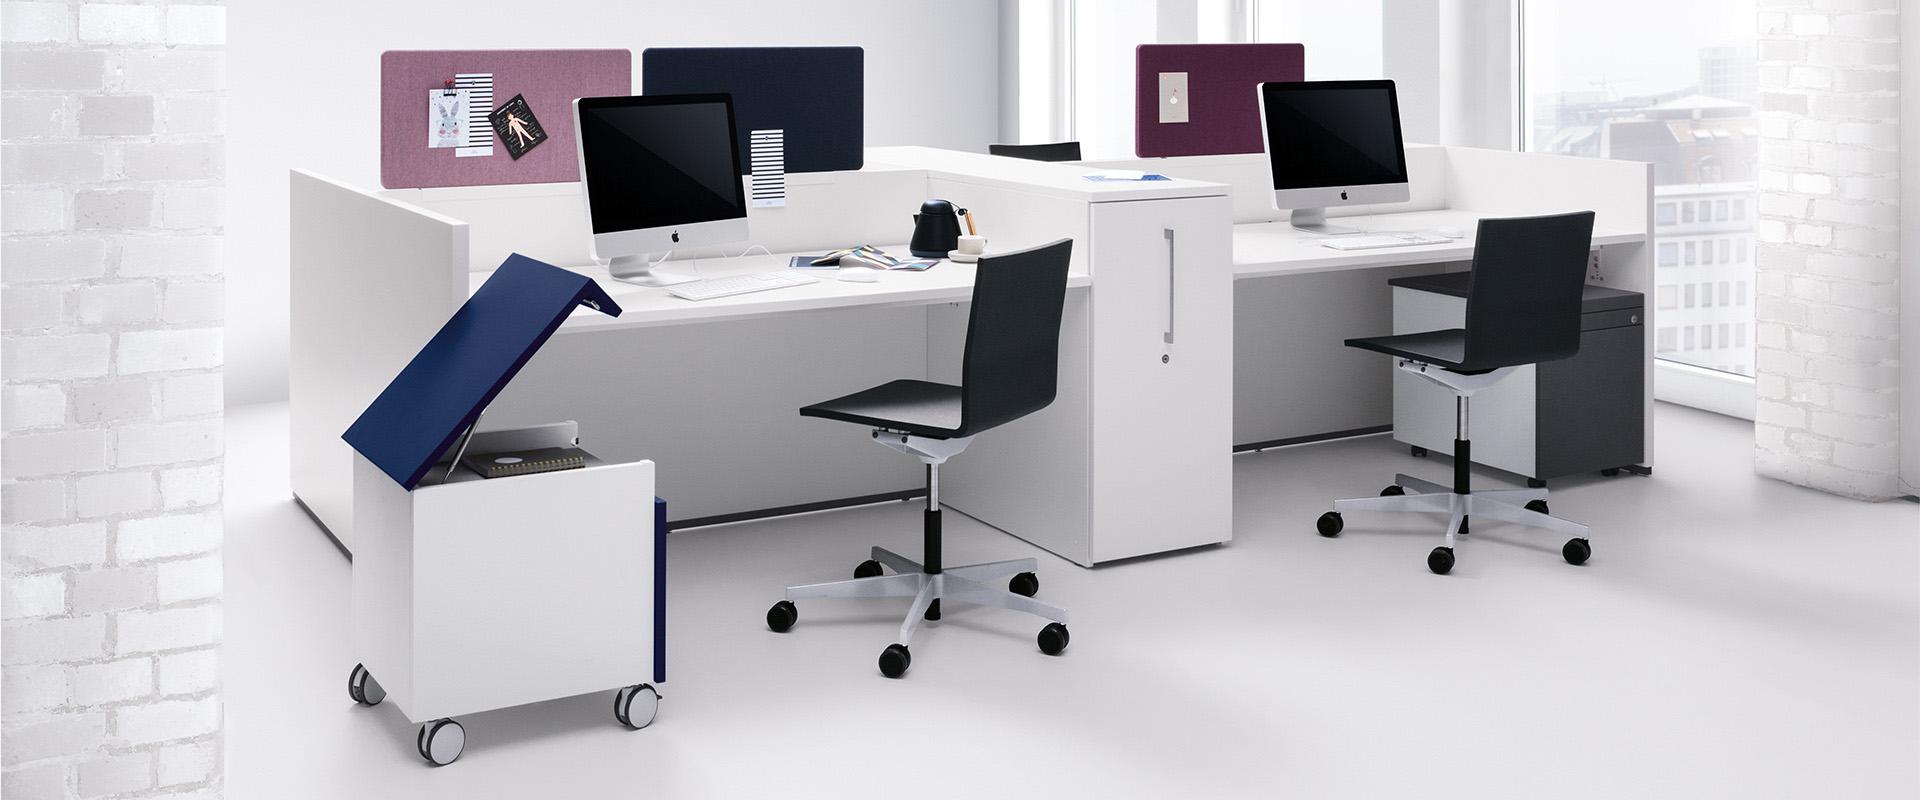 - Basic C Work Desk - Werner Works